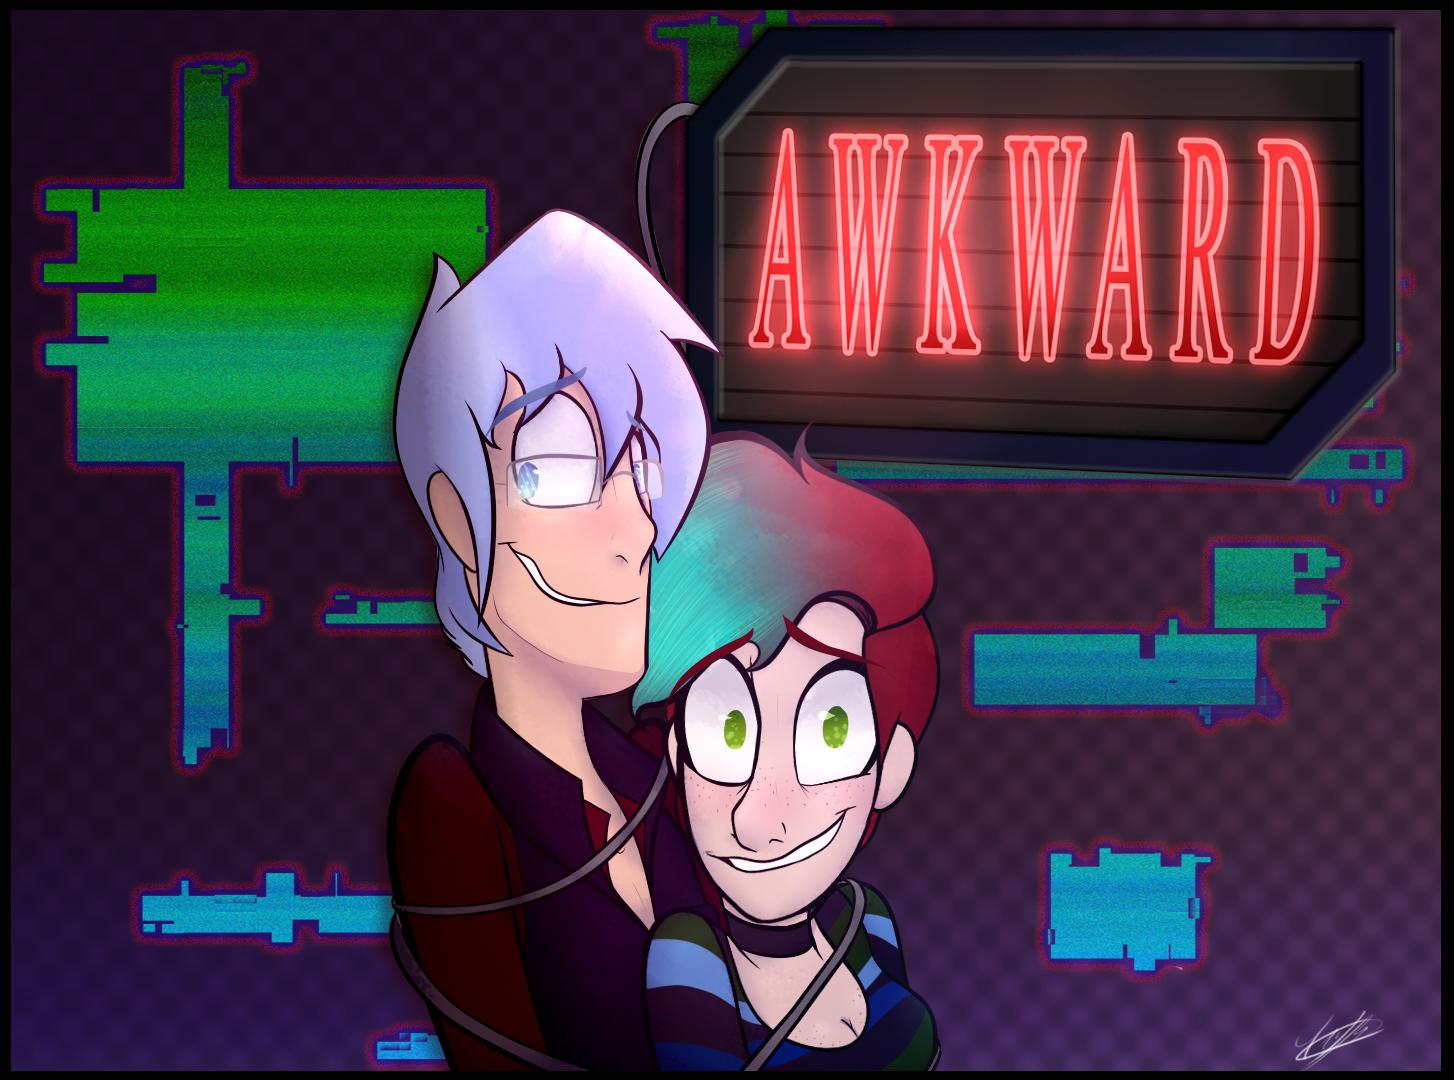 AWKWARD 2018 by CosmicChrissy